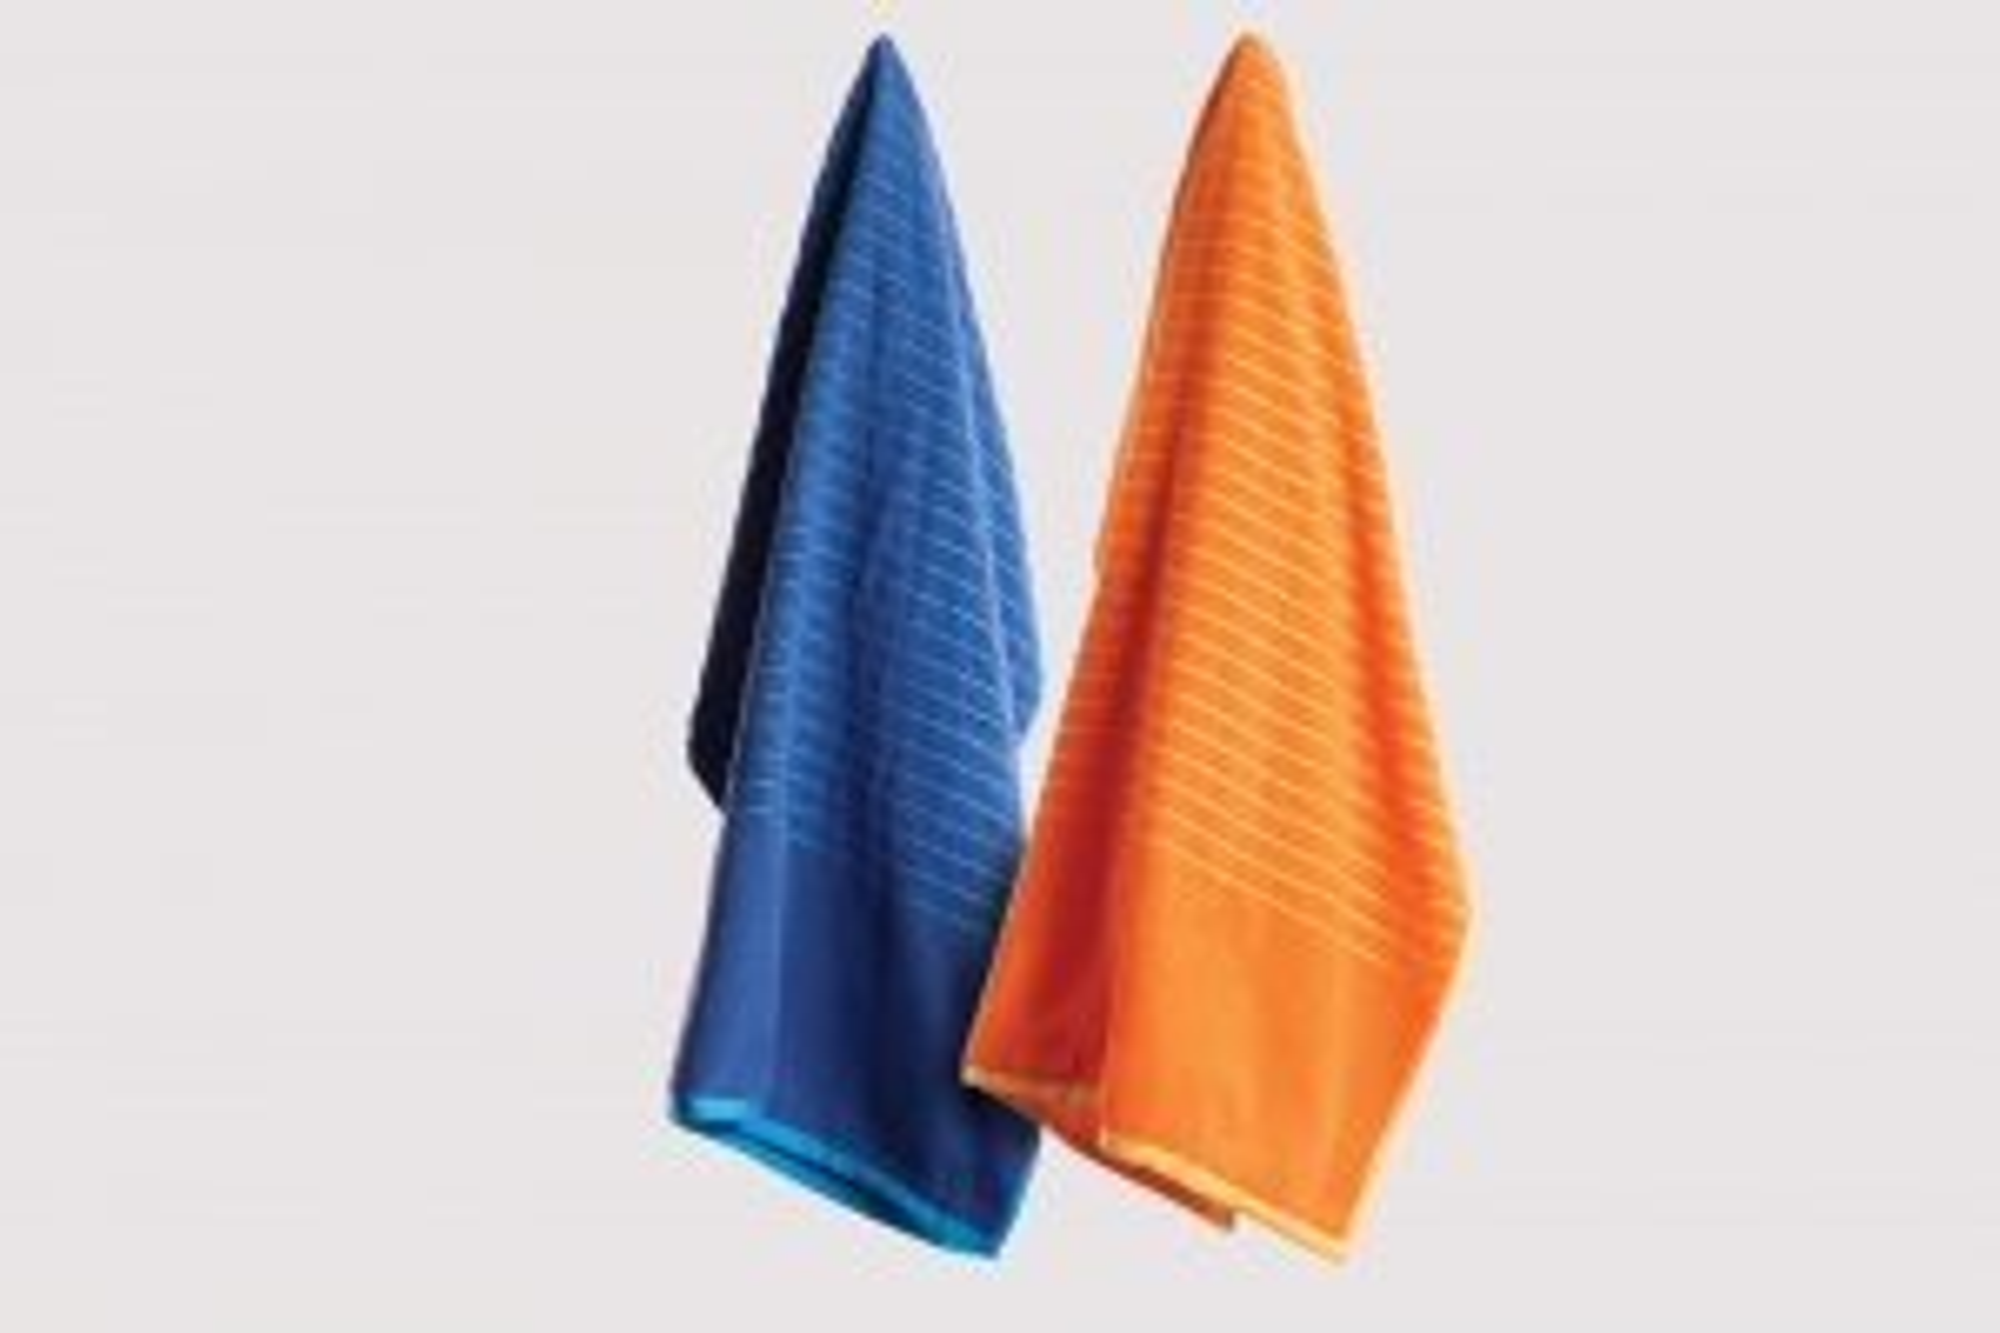 Reversible Beach & Pool Towel 580 Gsm